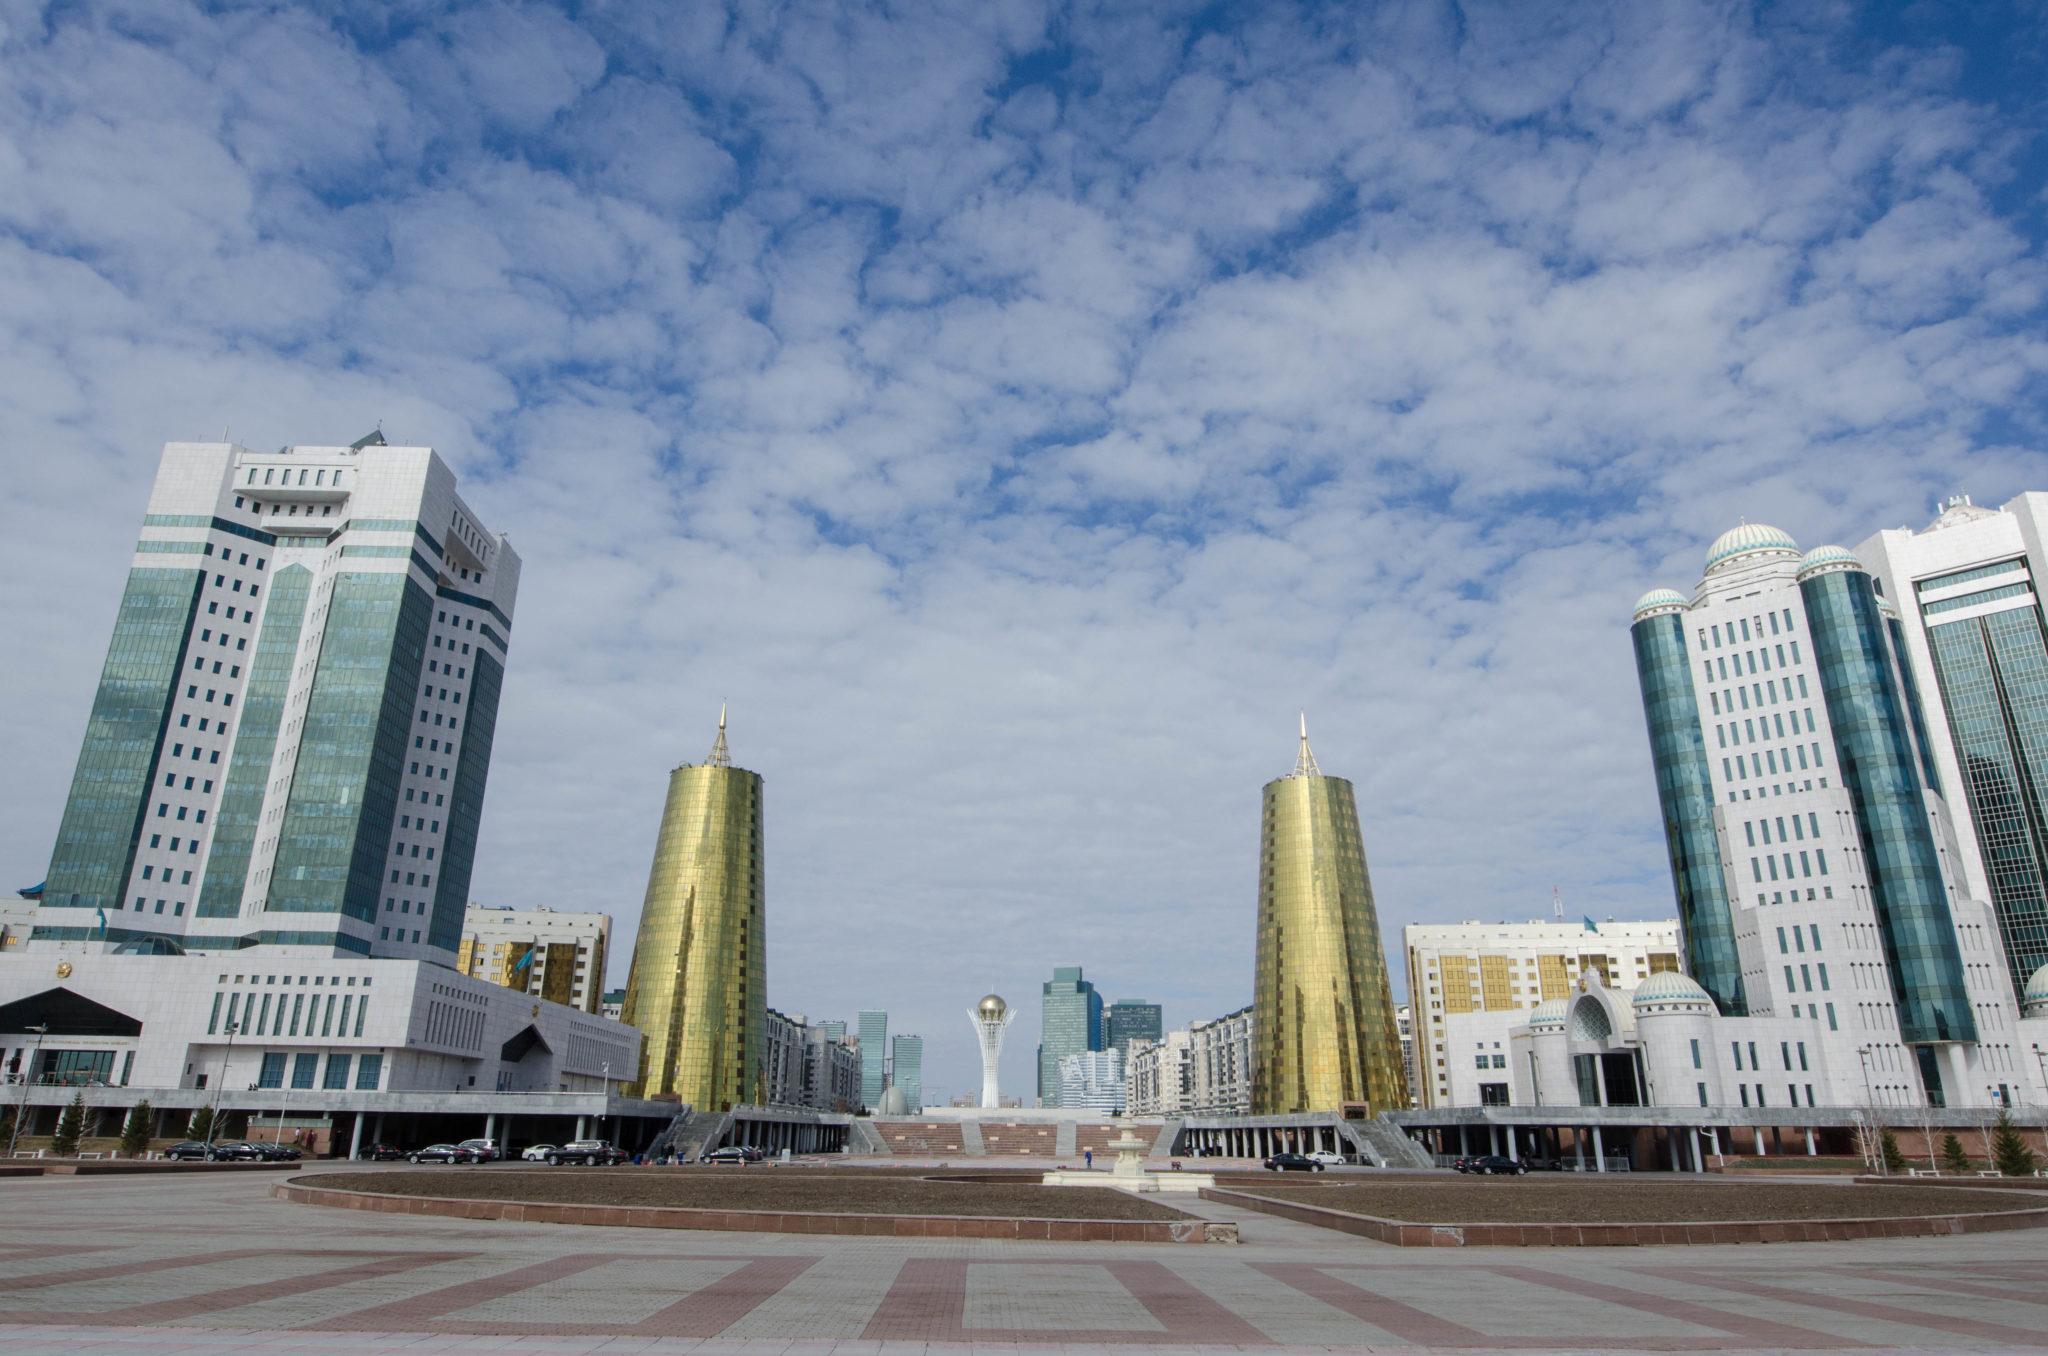 Die Goldenen Bierdosen sind ein Wahrzeichen von Astana